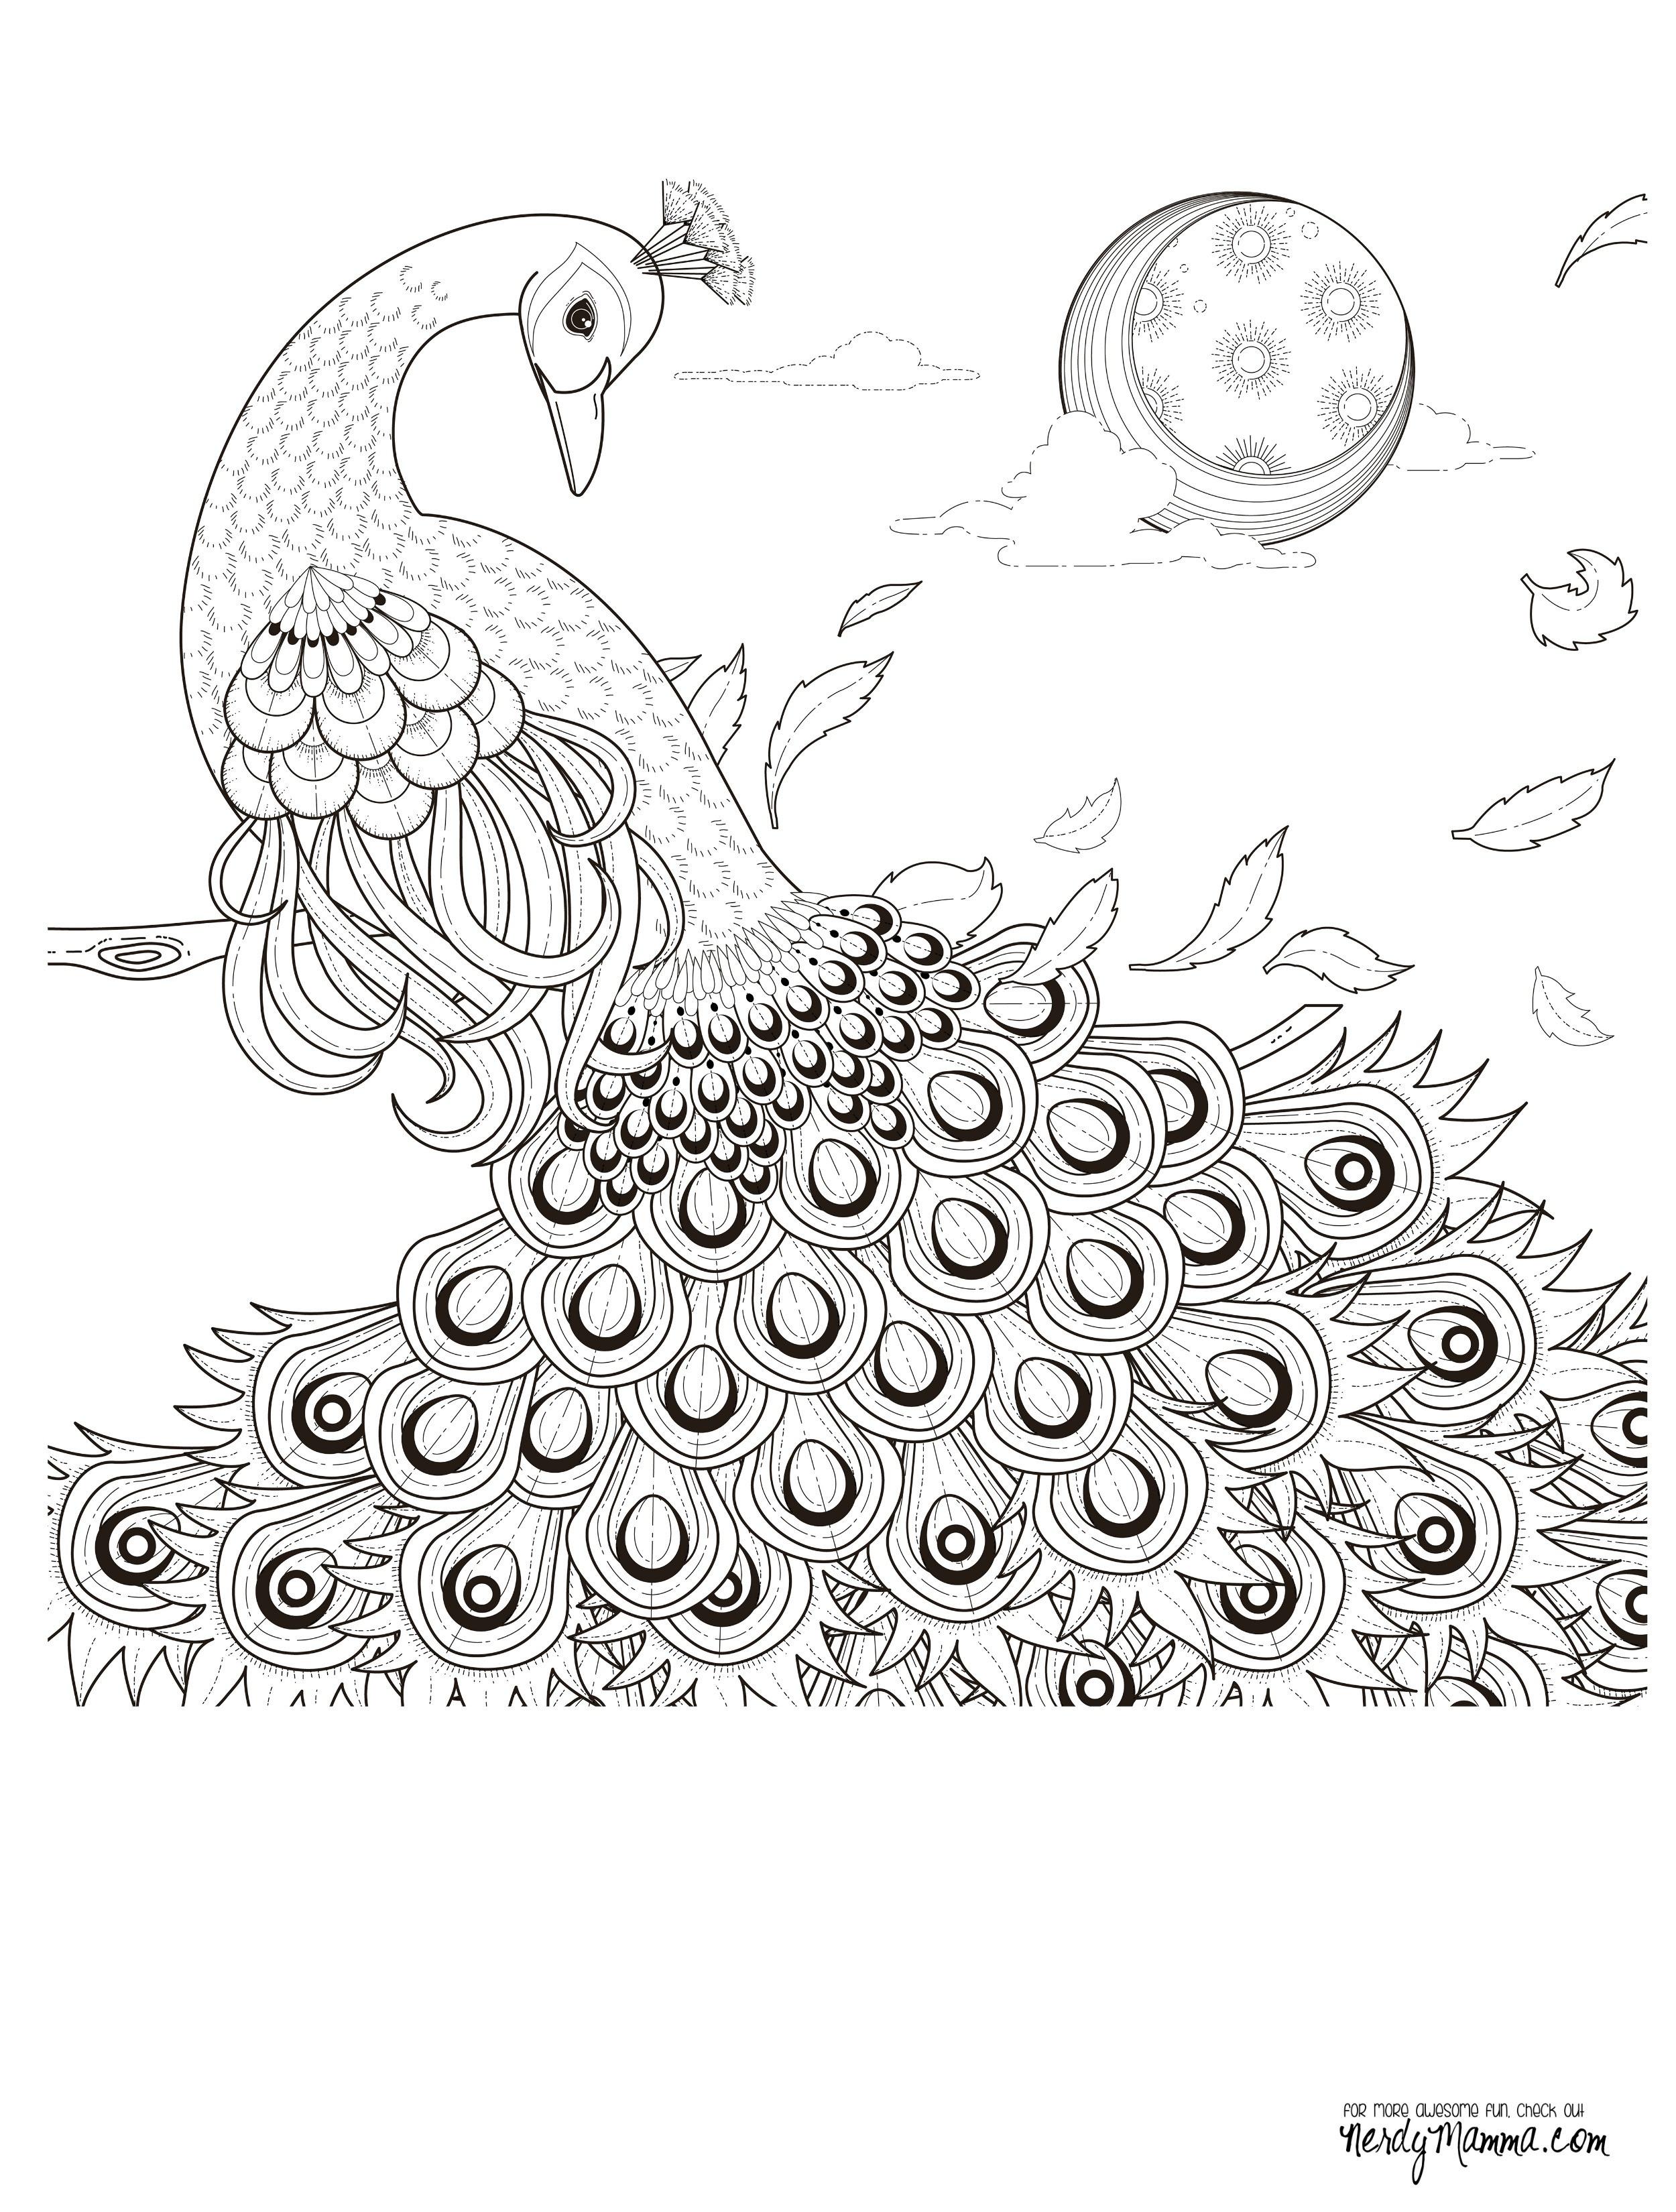 Fische Zum Ausmalen Und Ausdrucken Genial Unterwassertiere Ausmalbilder Schön 53 Ausmalbilder Tiere Fische Neu Das Bild